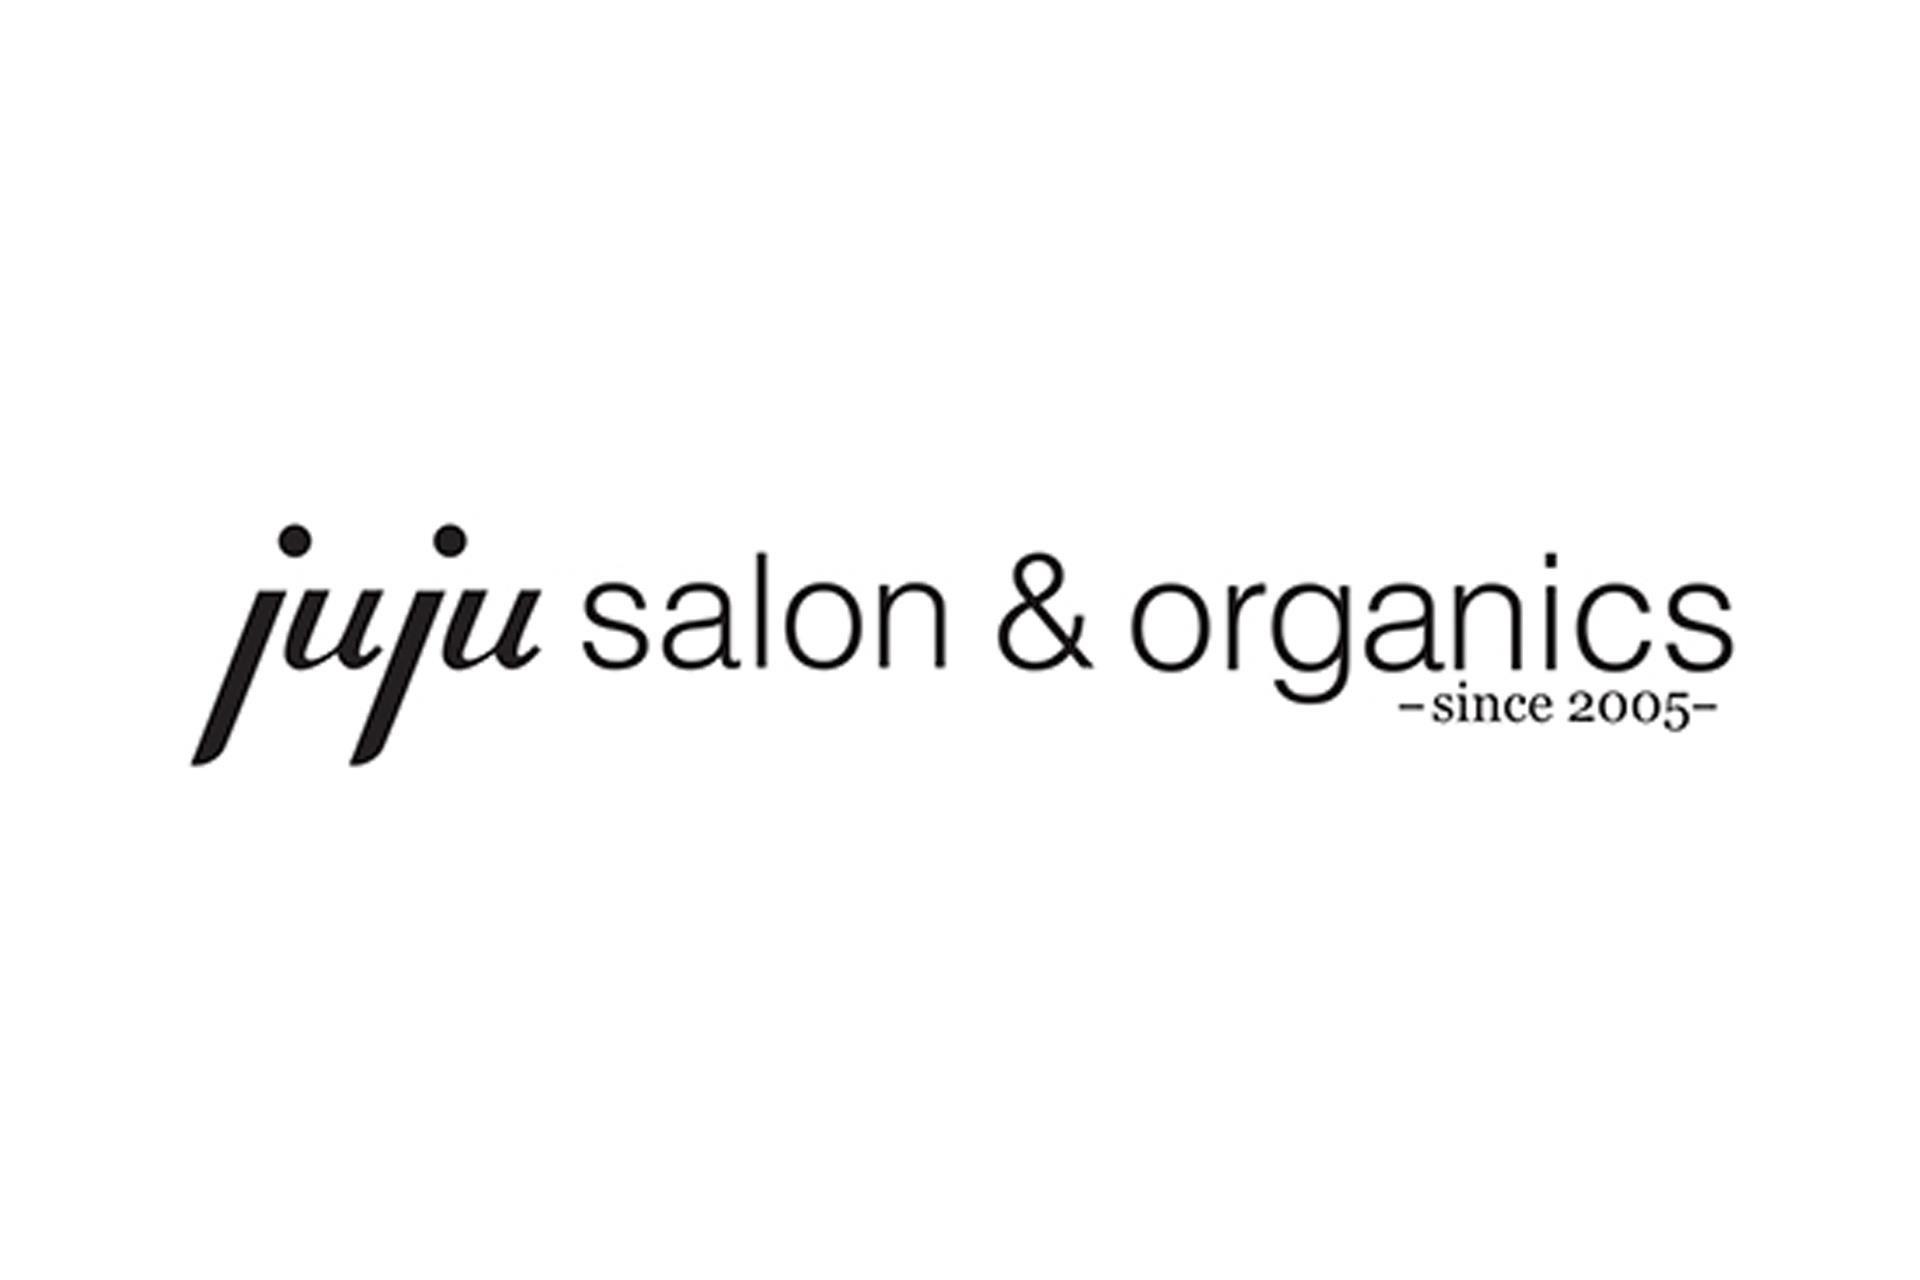 juju salon & organics